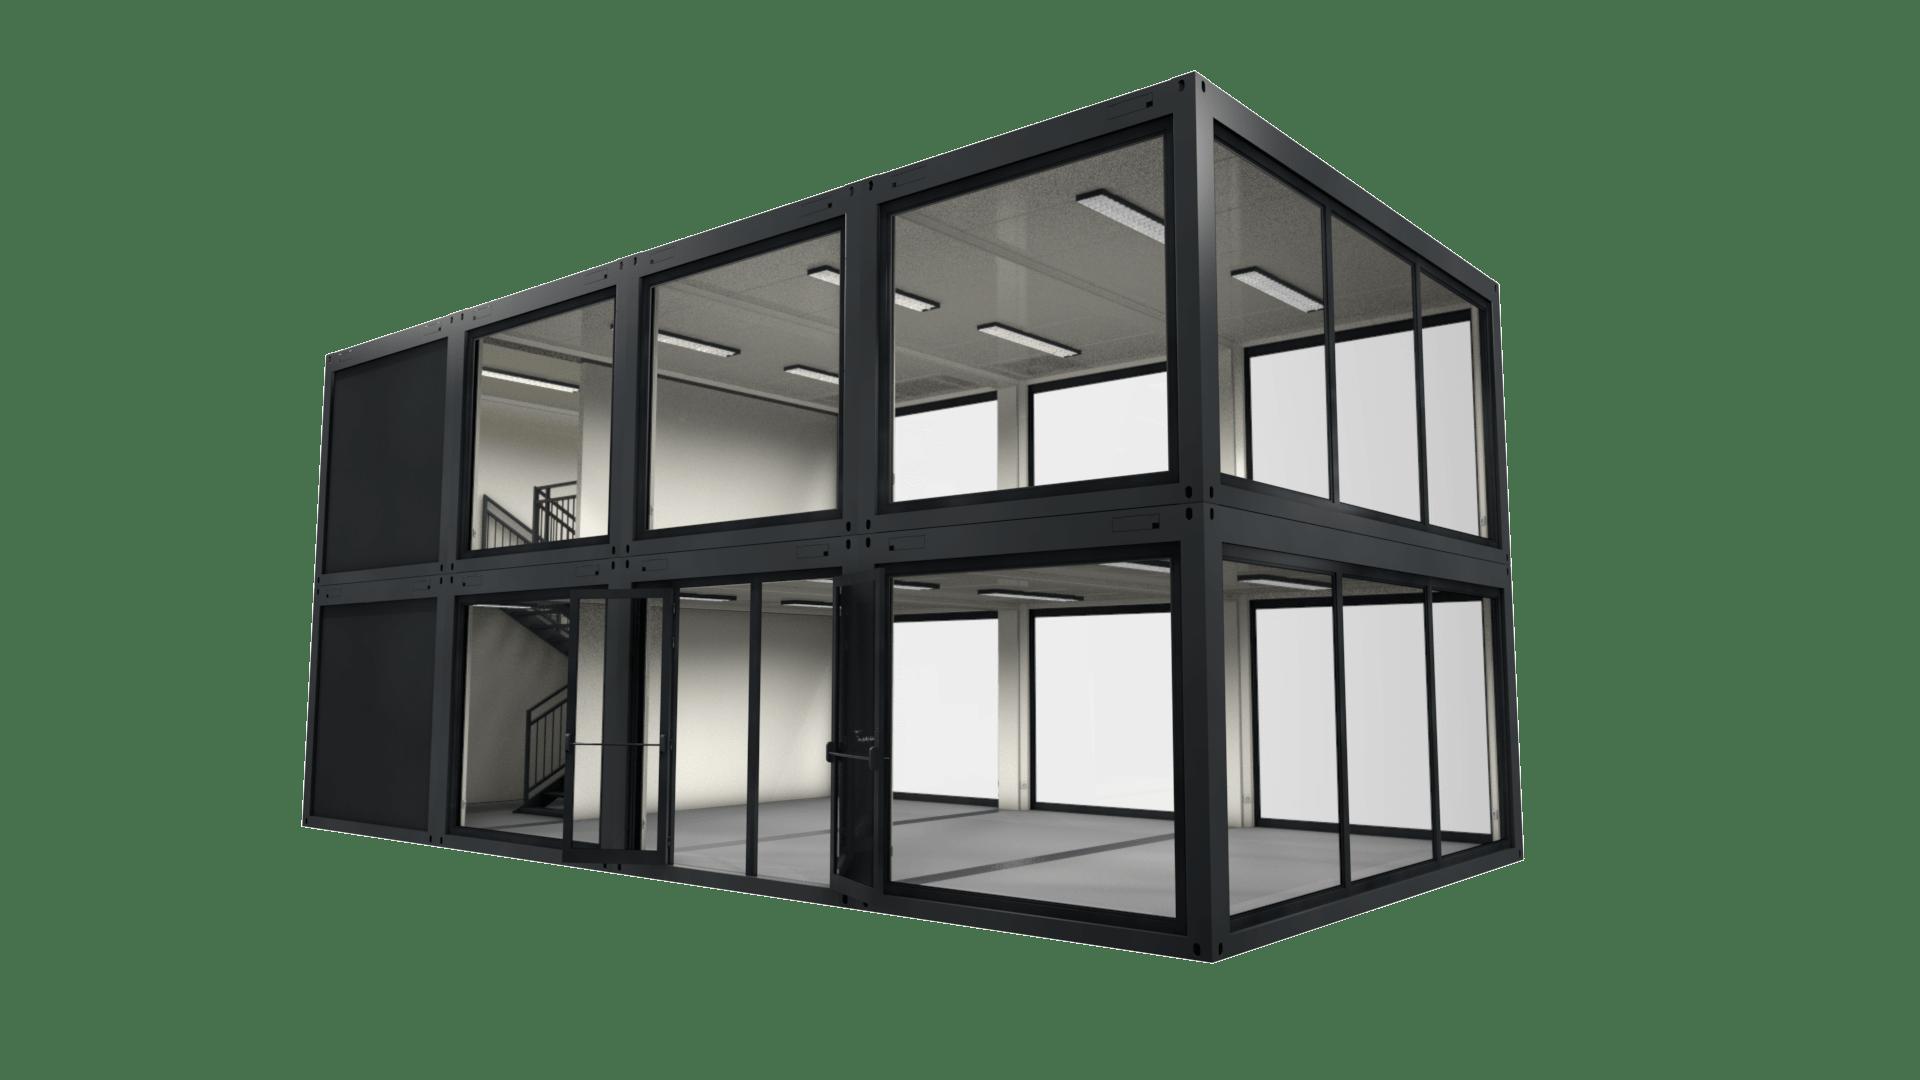 Container Modul M 34 ist eine Containergebäude mit 2 Etagen und 140 Quadratmetern Nutzfläche